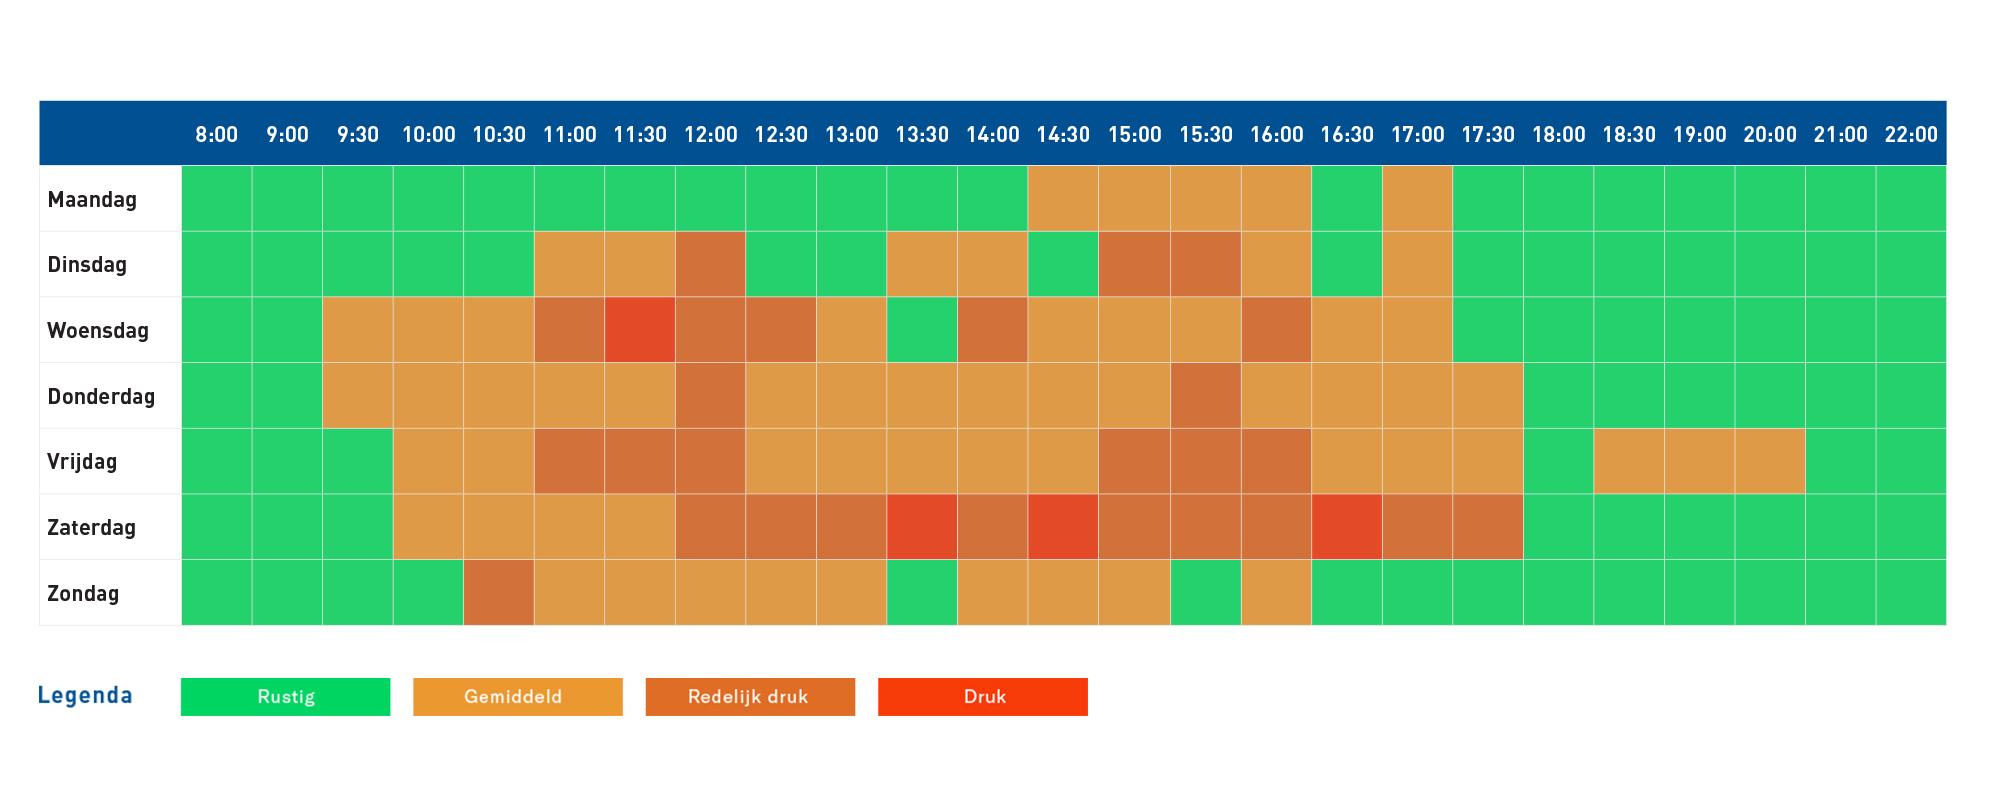 gogh-heatmap-web1.jpg#asset:200